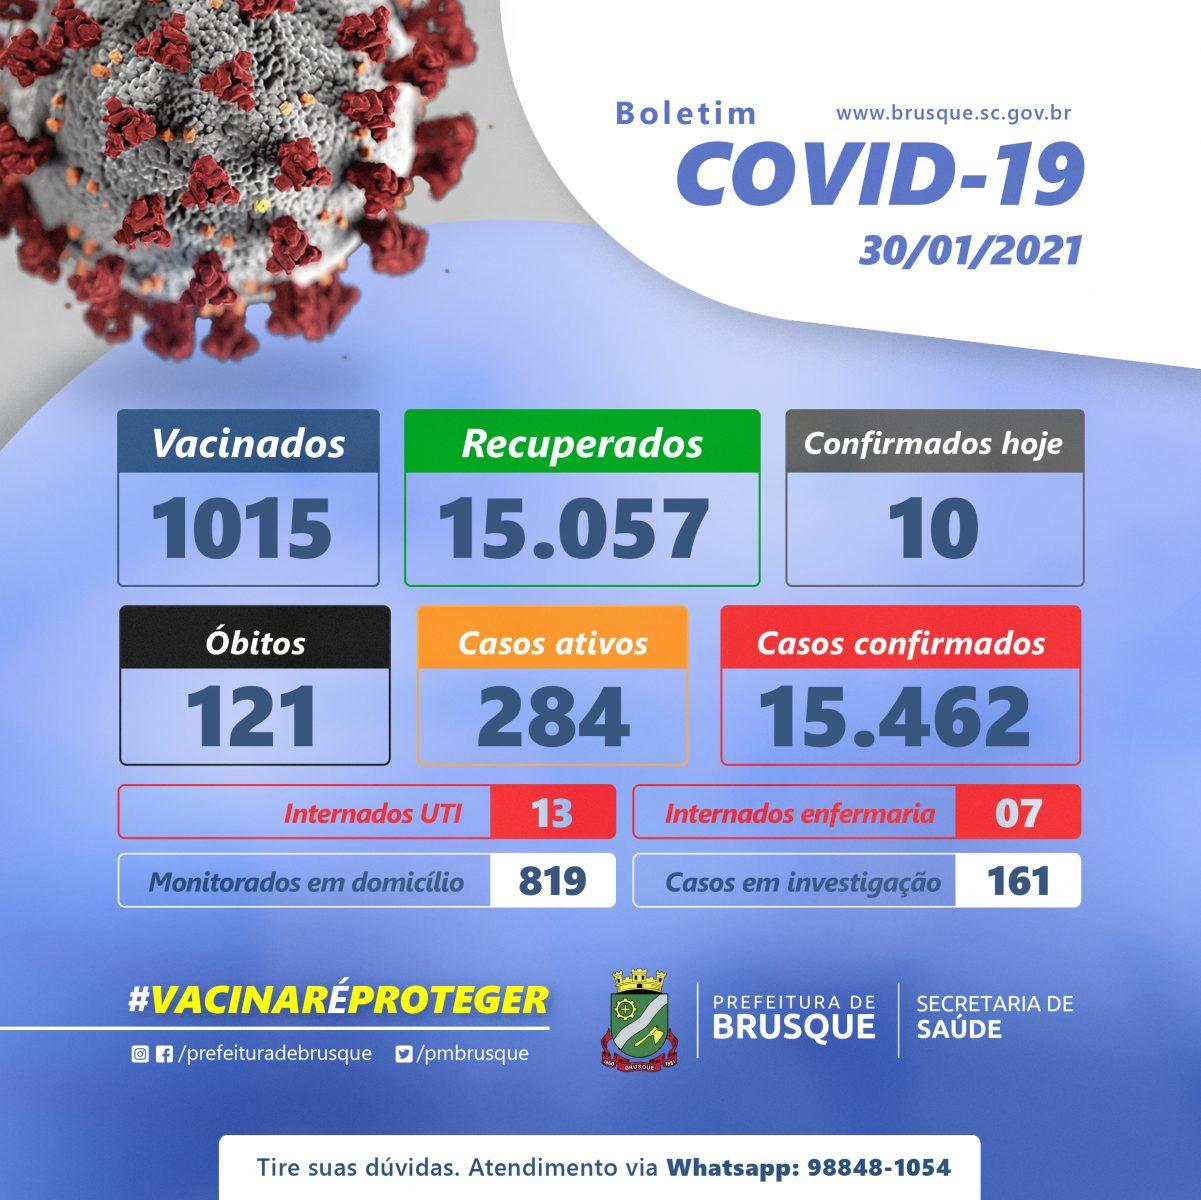 Covid-19: Confira o boletim epidemiológico deste sábado (30)